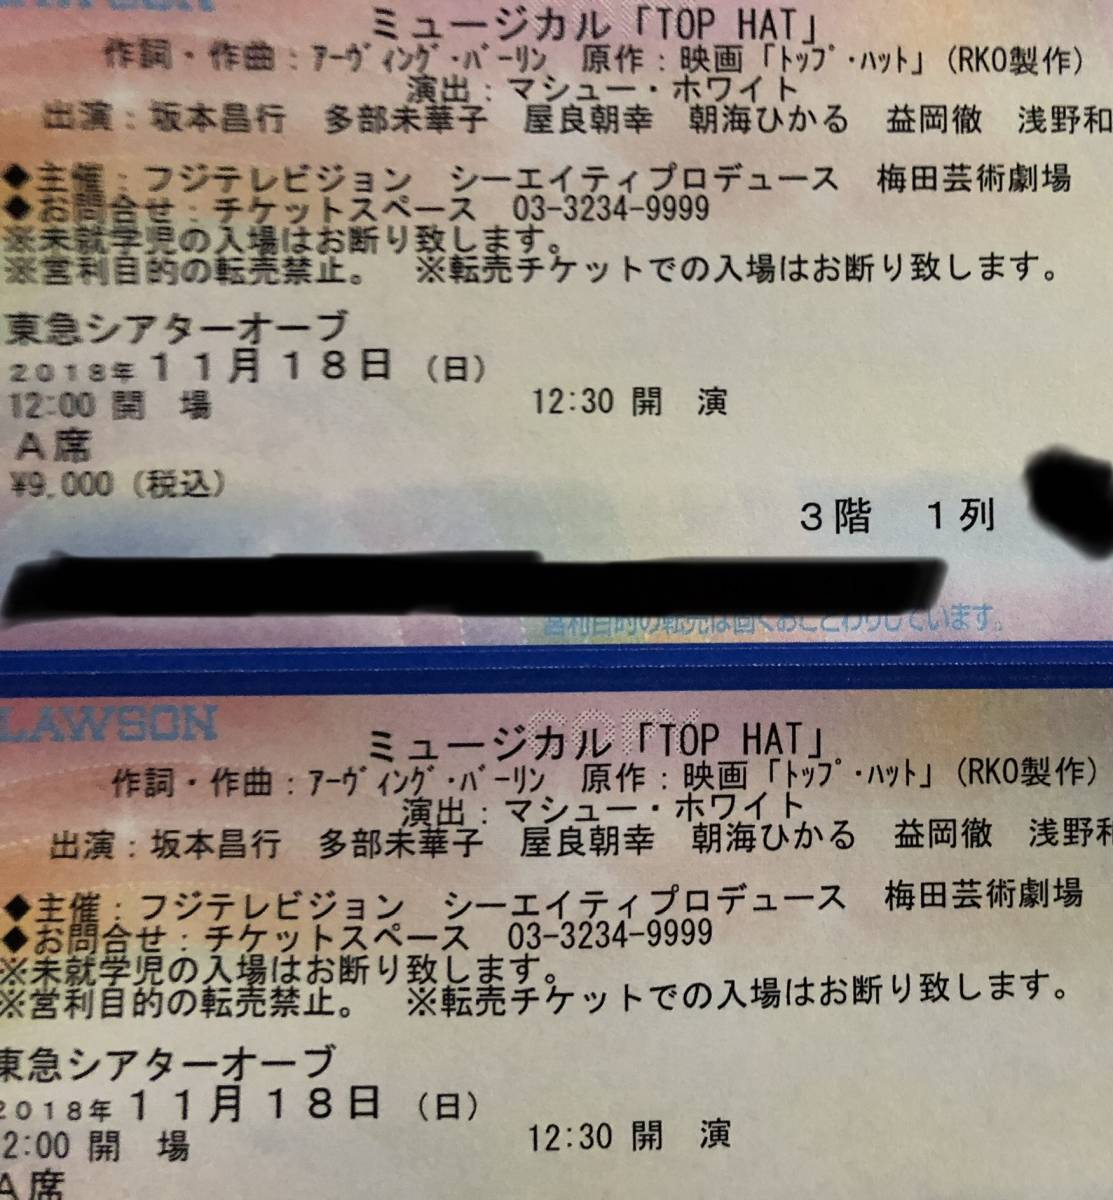 1000円スタート!V6坂本昌行主演ミュージカルTOP HAT チケット 11/18(日)12:30 A席1~2枚 3階 1列